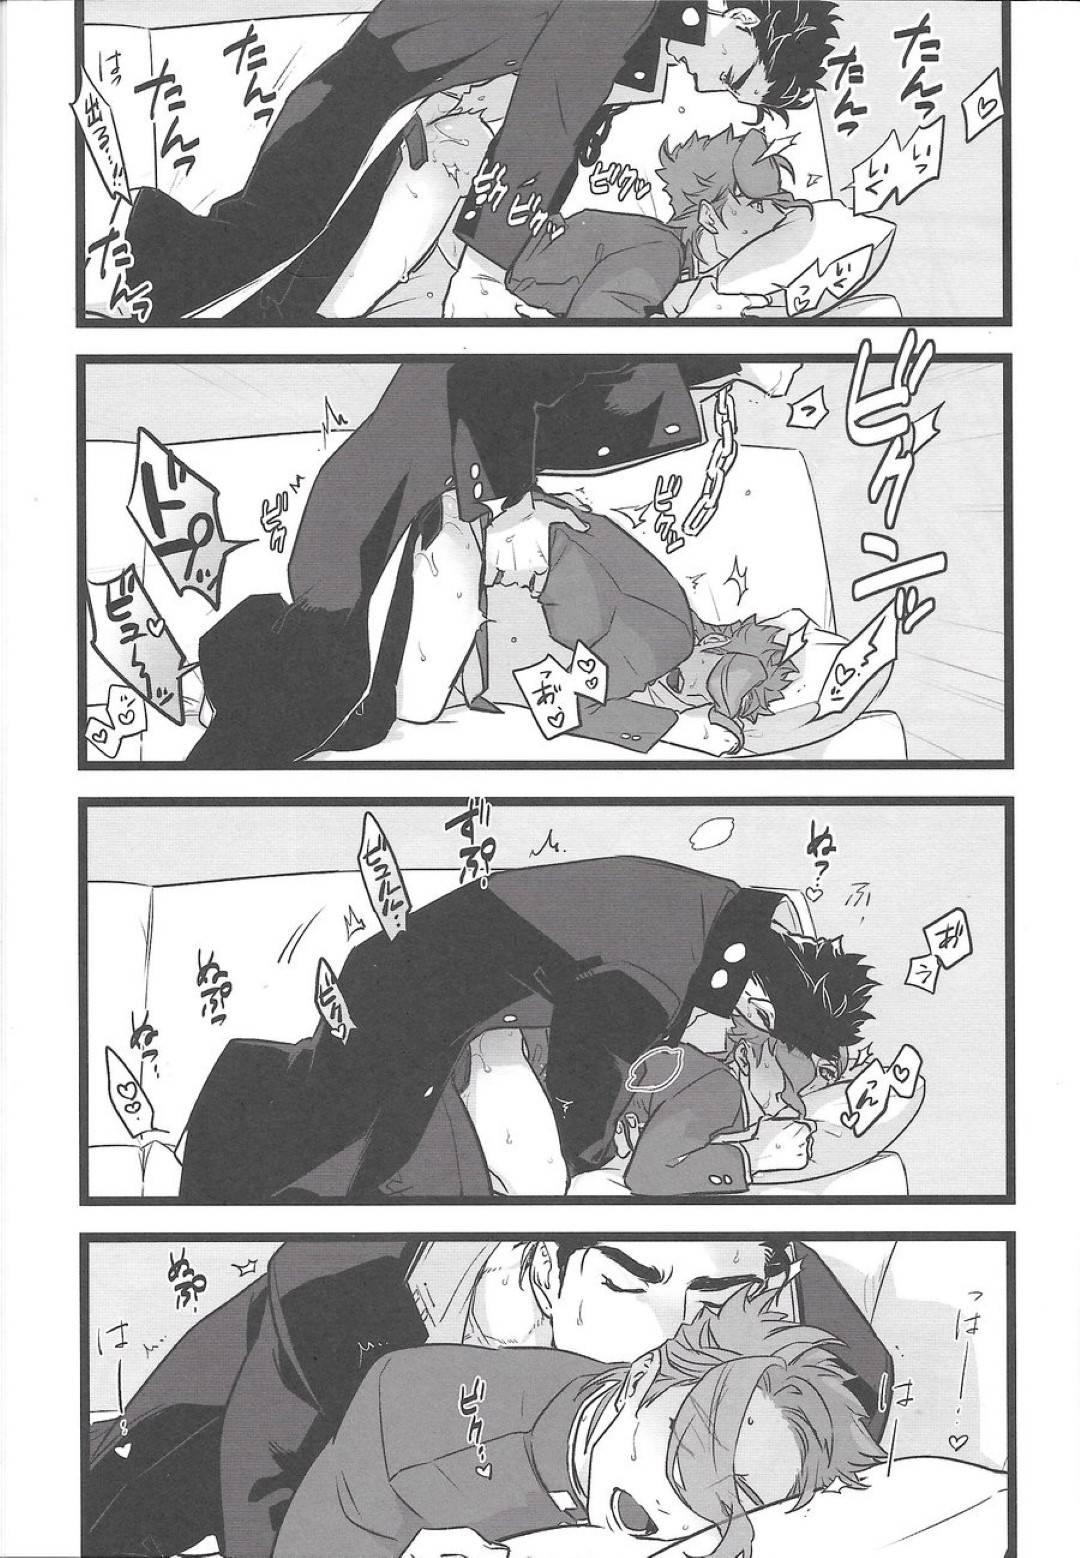 写真を撮りながらセックスする承太郎と花京院…キスしながら写真を撮ると興奮した花京院。写真を撮りながら乳首責めやフェラをするとイチャラブアナルセックスでカメラに結合部とイキ顔見せまくり!